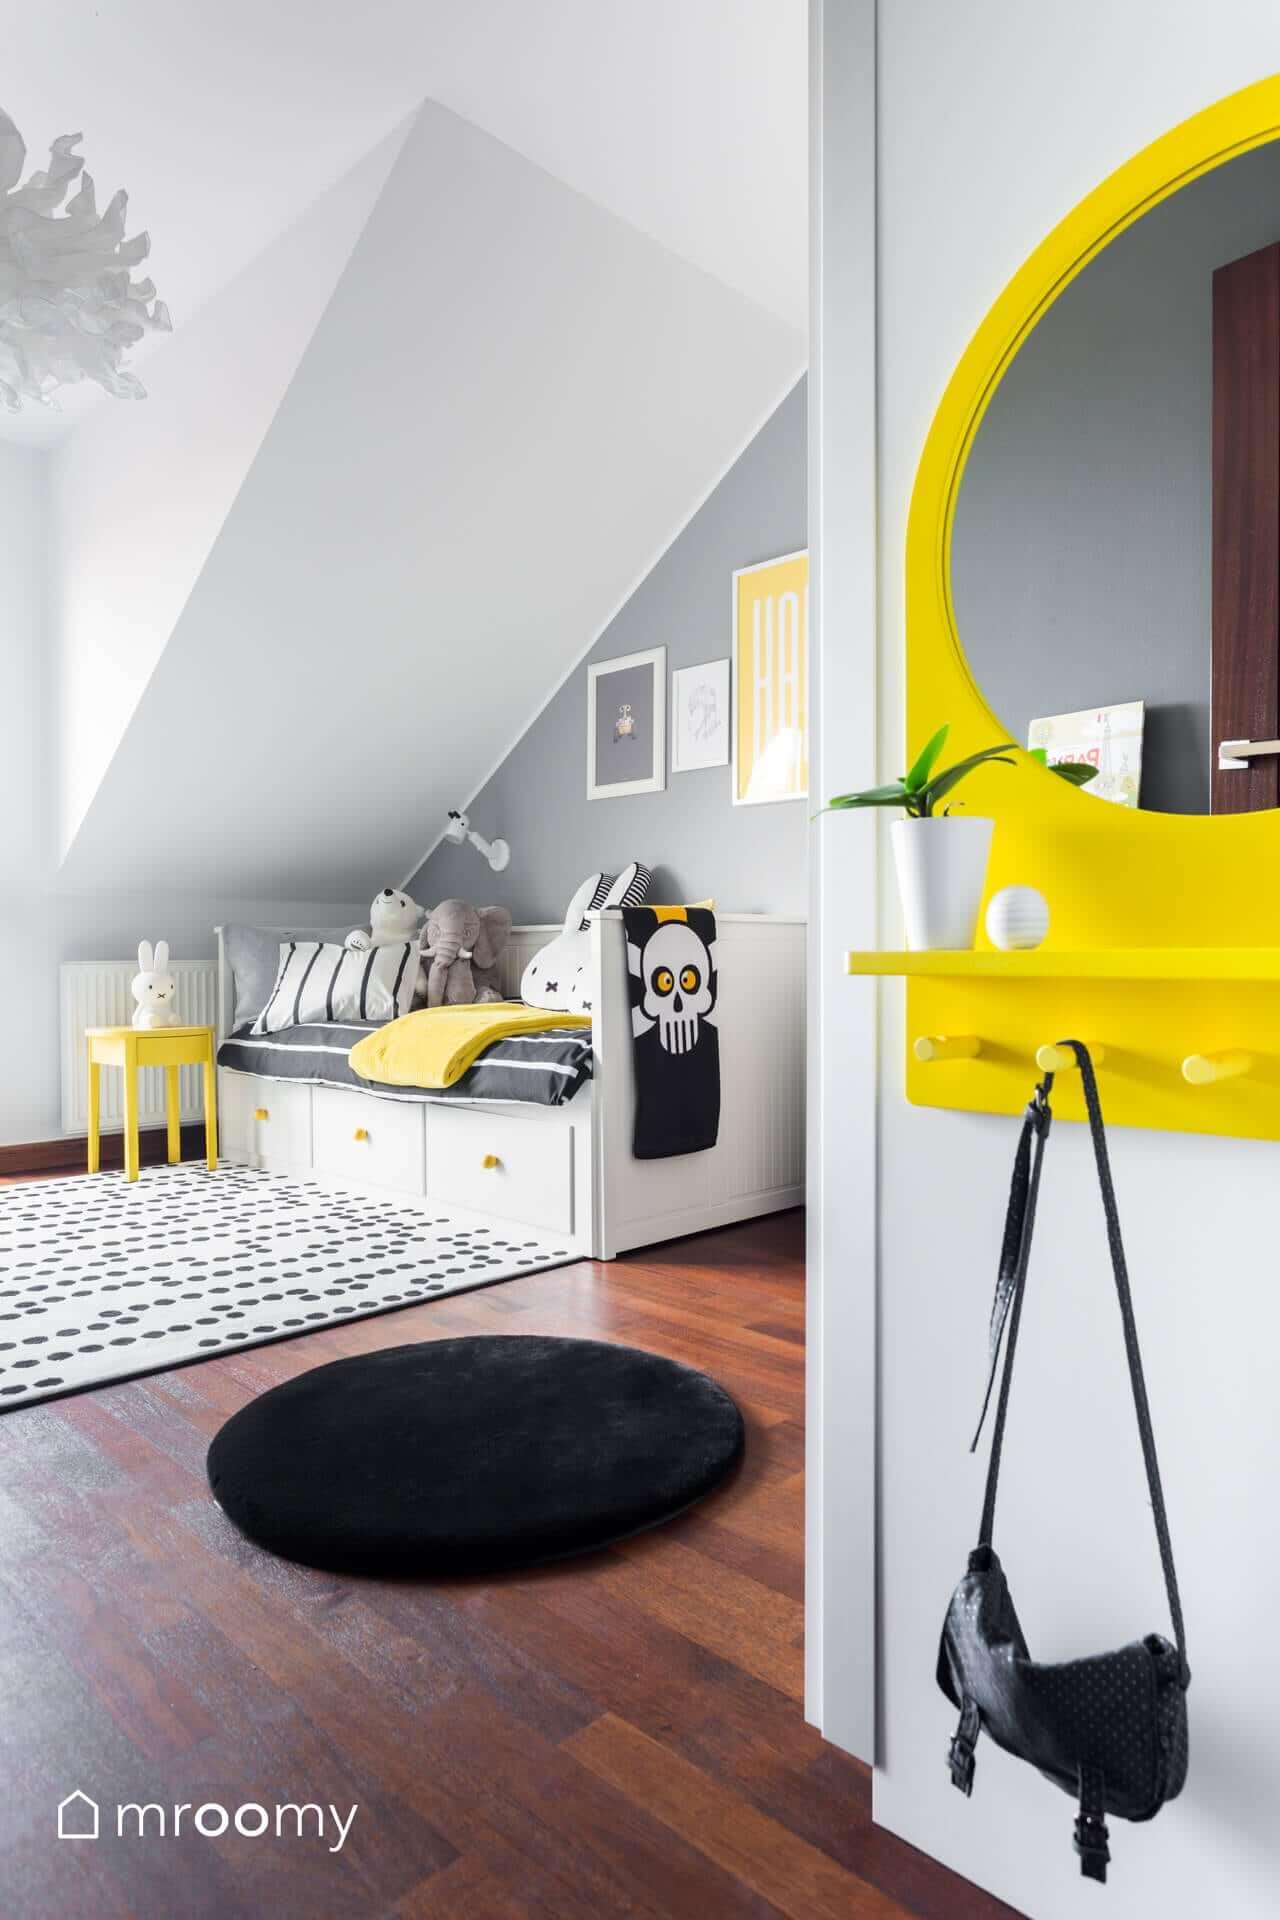 Lustro SALTRÖD Ikea kącik makijażu dla dziewczynki mroomy